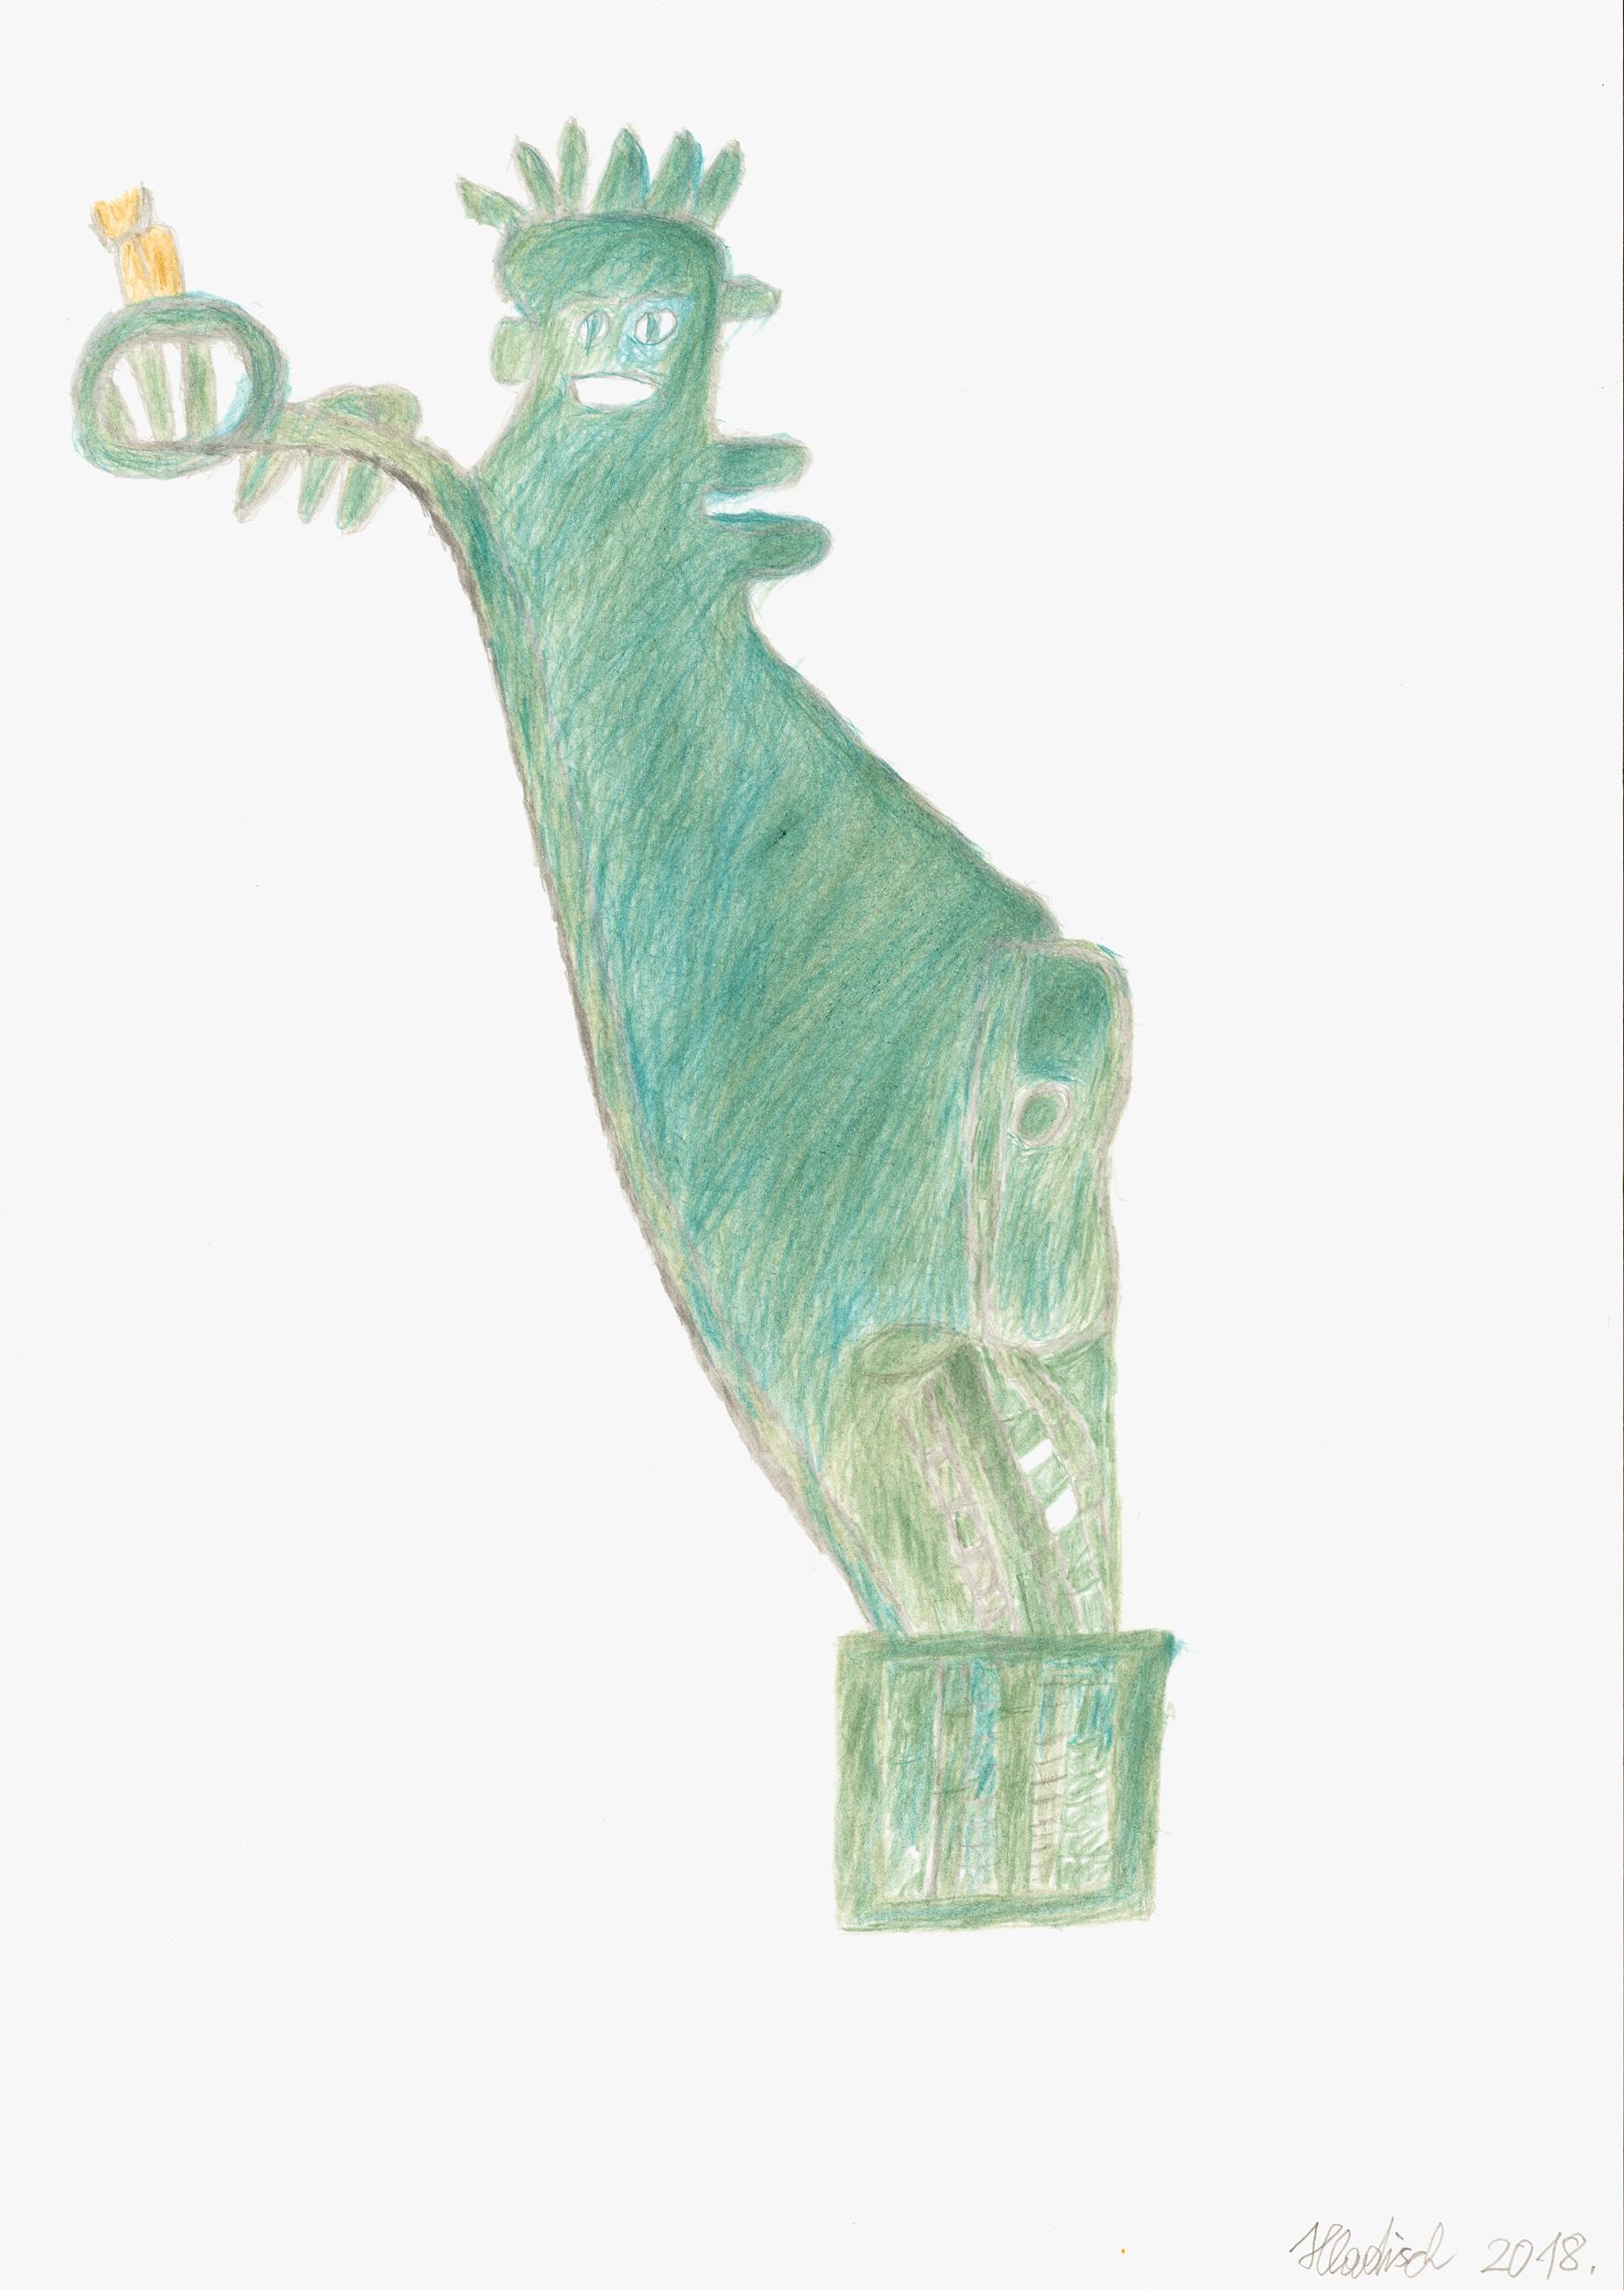 hladisch helmut - Freiheitstatue / Statue of liberty